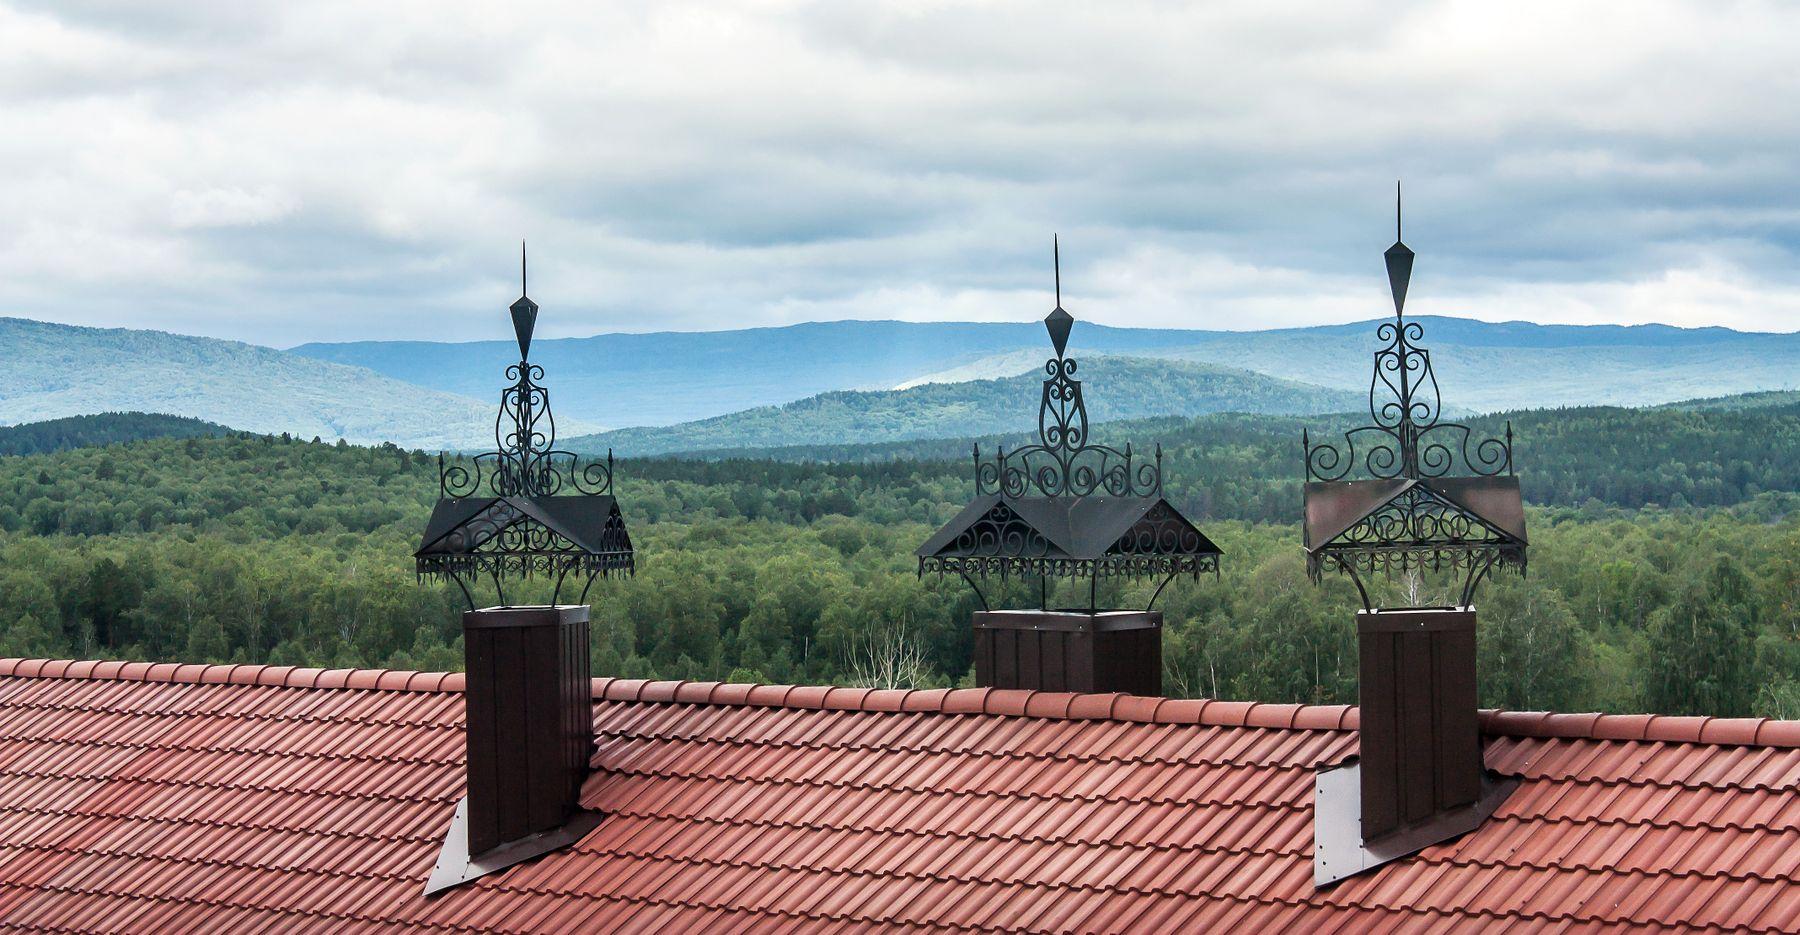 В окружении природы. Уральские горы. Южный Урал Миасс Селянкино природа лето